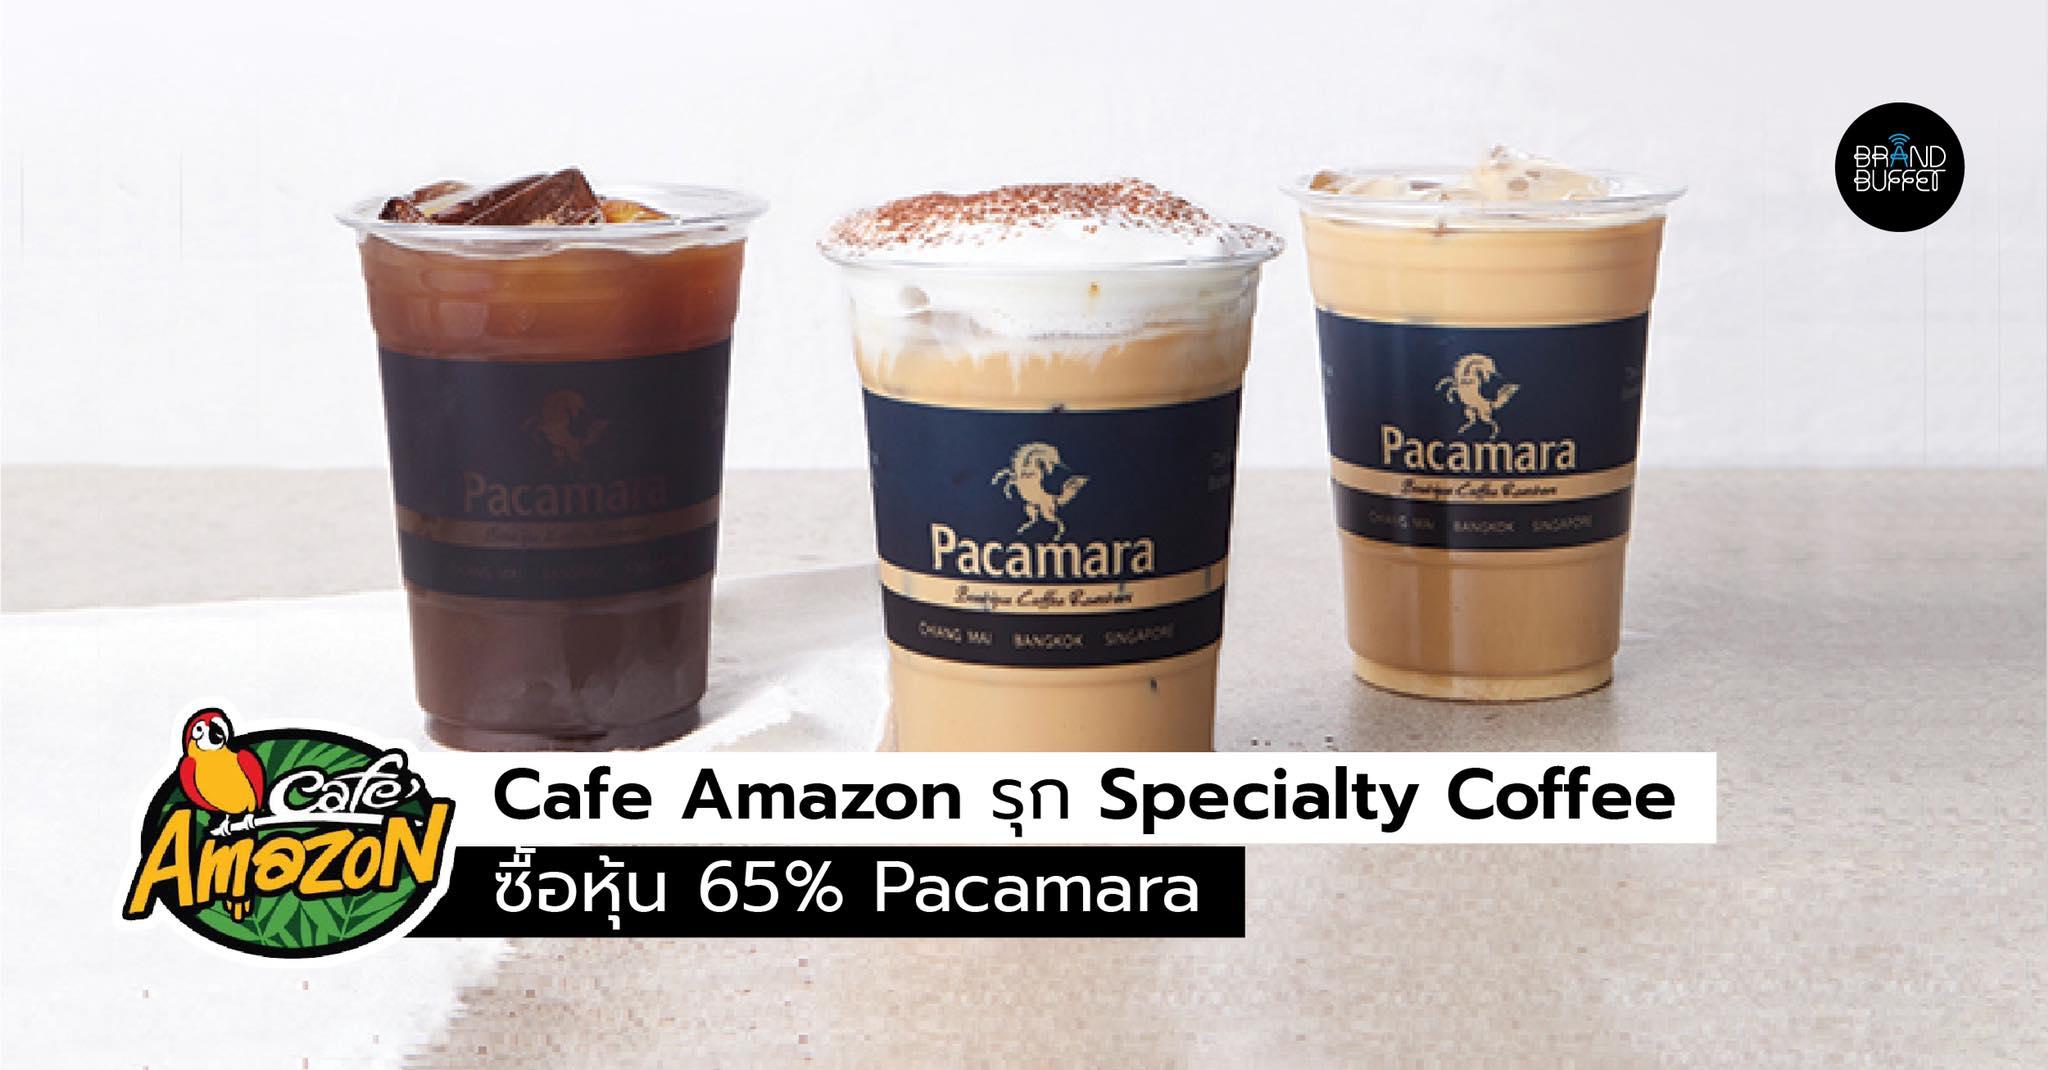 Pacamara cafe amazon cover